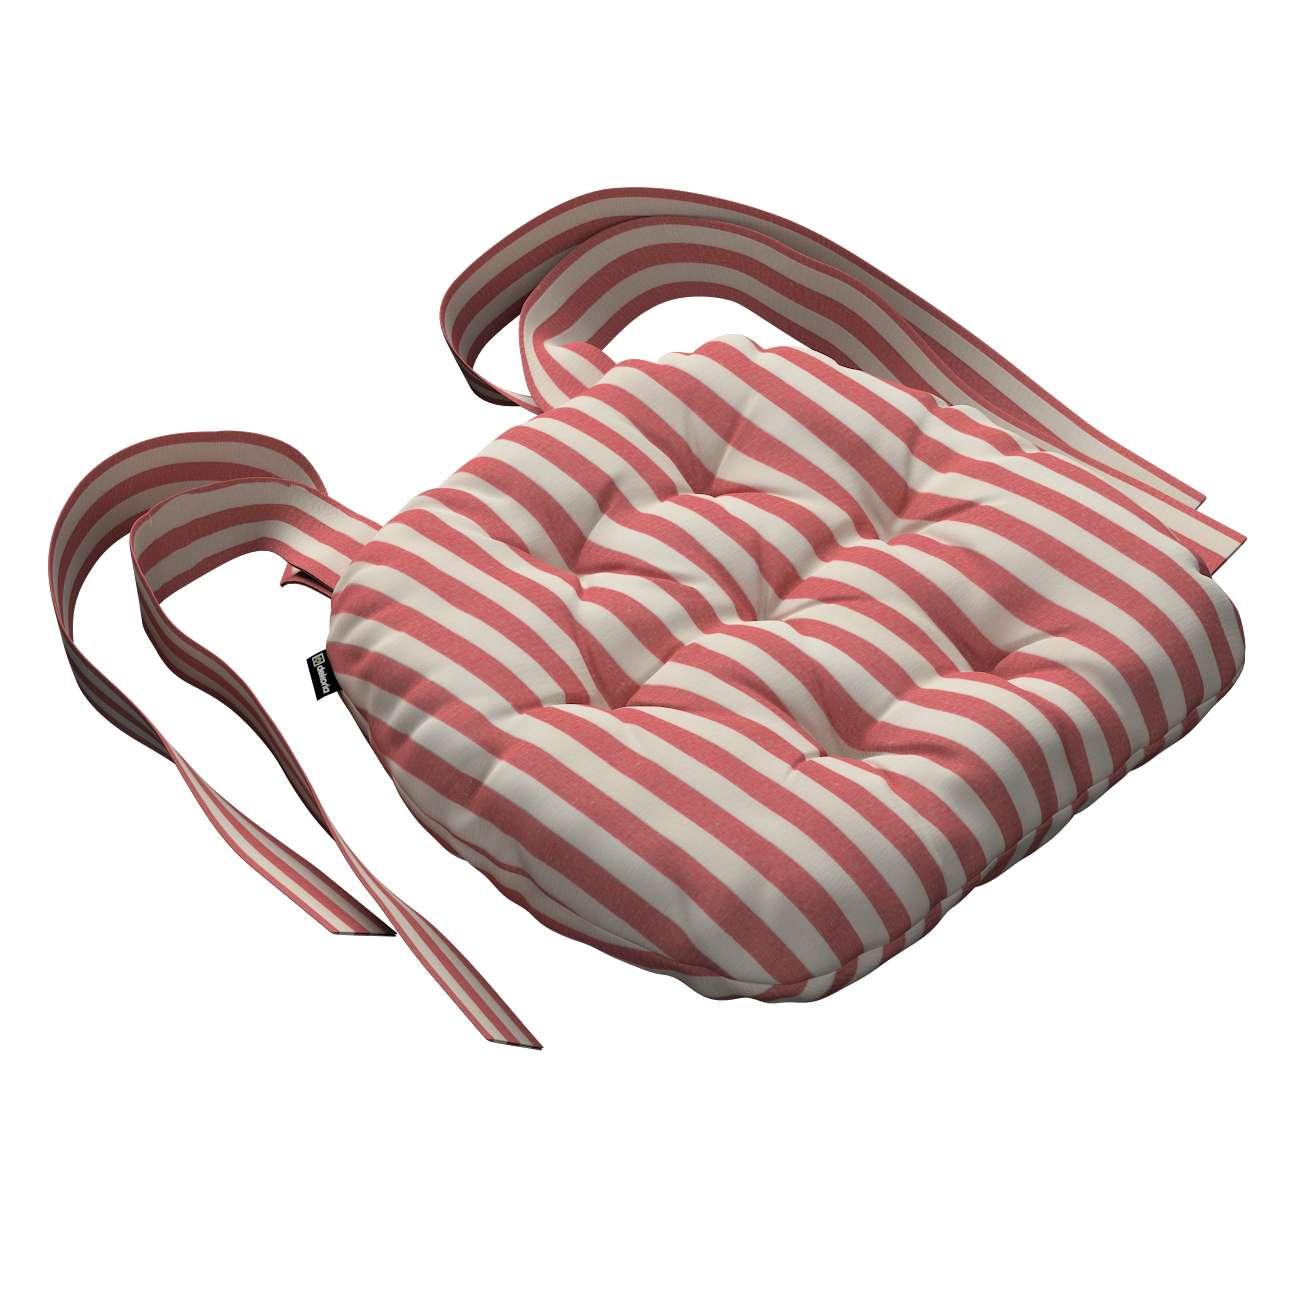 Siedzisko Marcin na krzesło 40x37x8cm w kolekcji Quadro, tkanina: 136-17